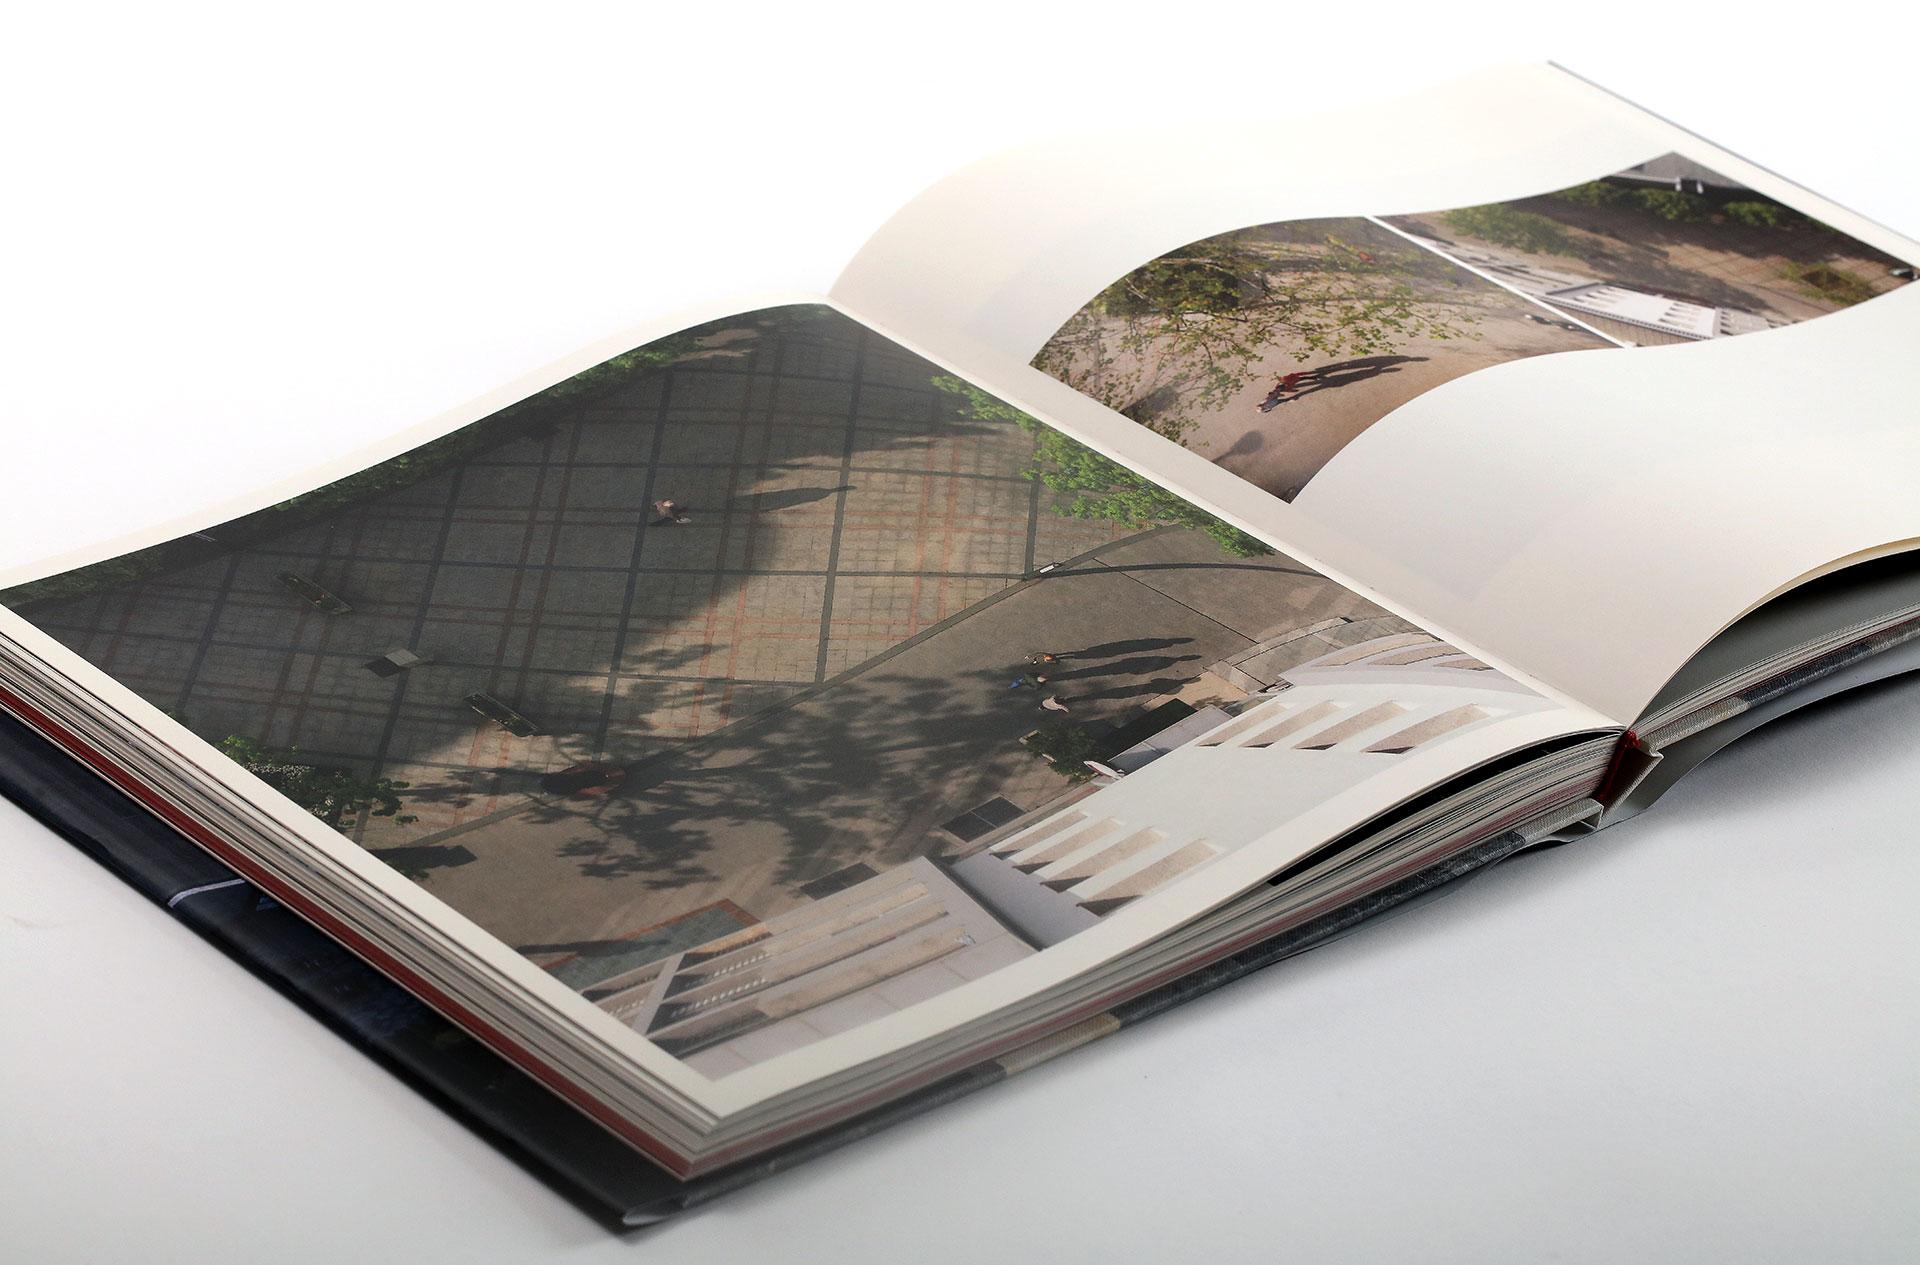 knjiga_velenje_marko_marinsek_ma-ma-studio_9